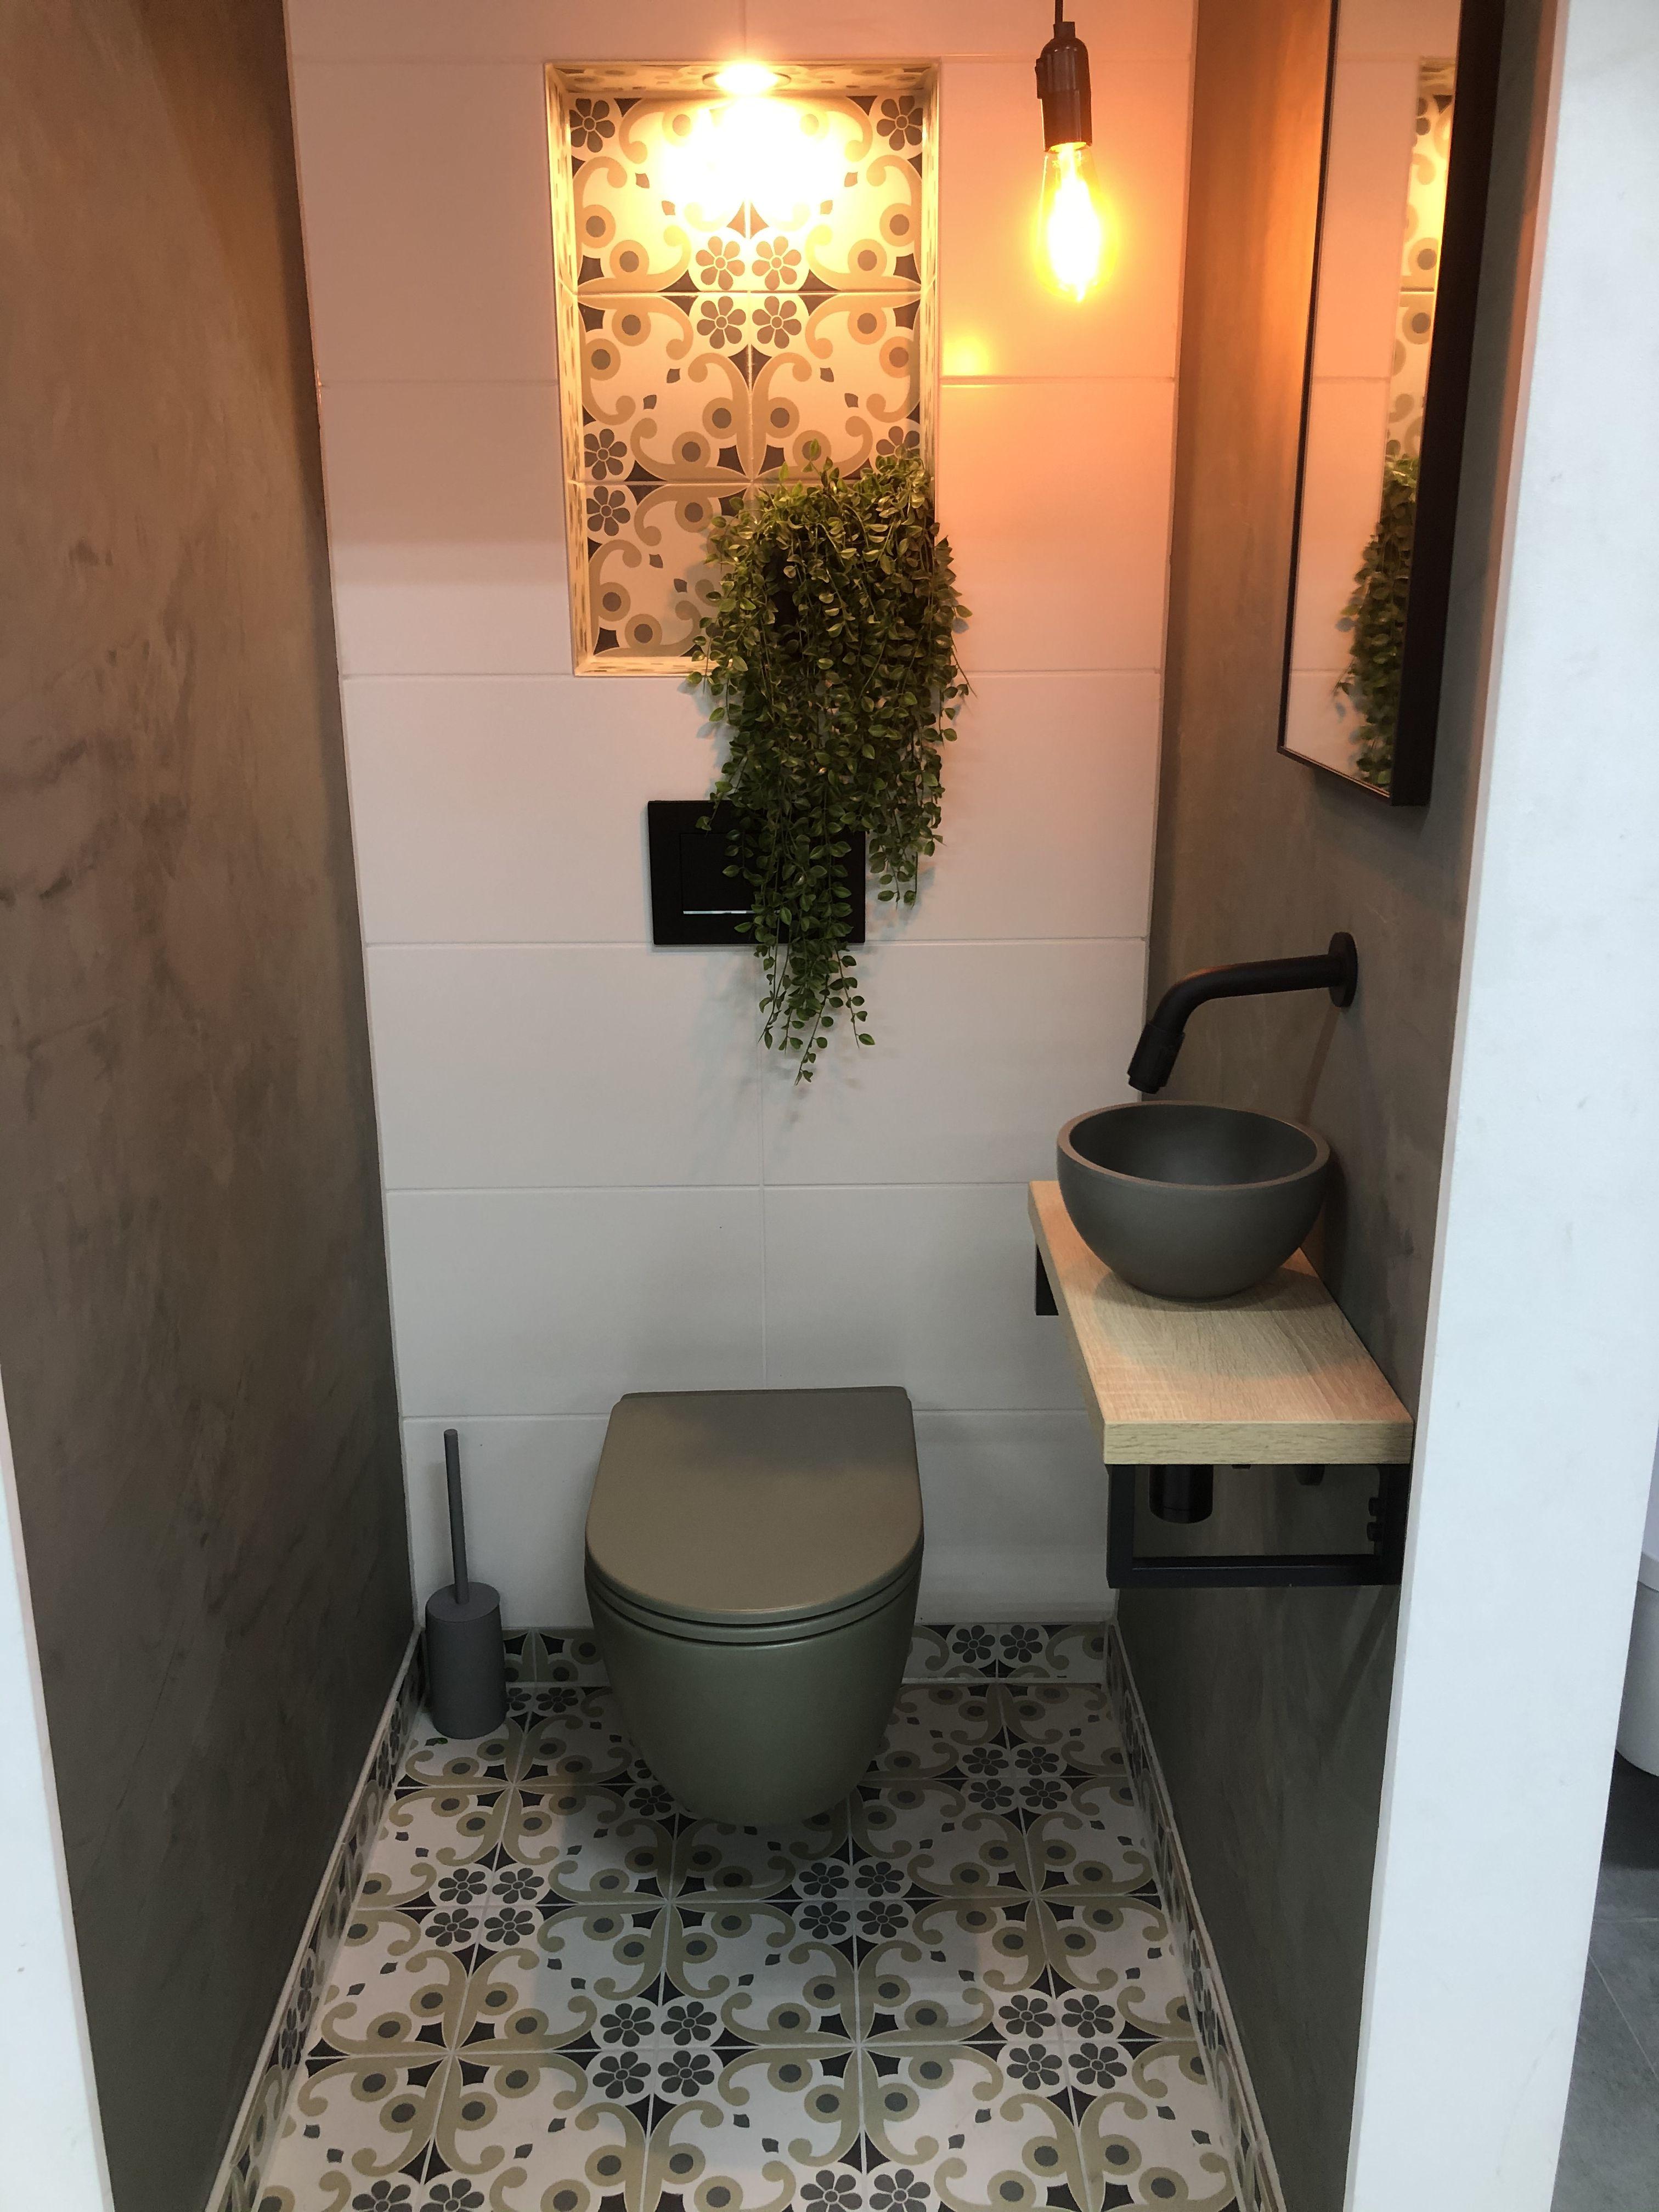 Groen Toilet Met Hip Fonteinsetje Toilet Ontwerp Toilet Decoratie Toilet